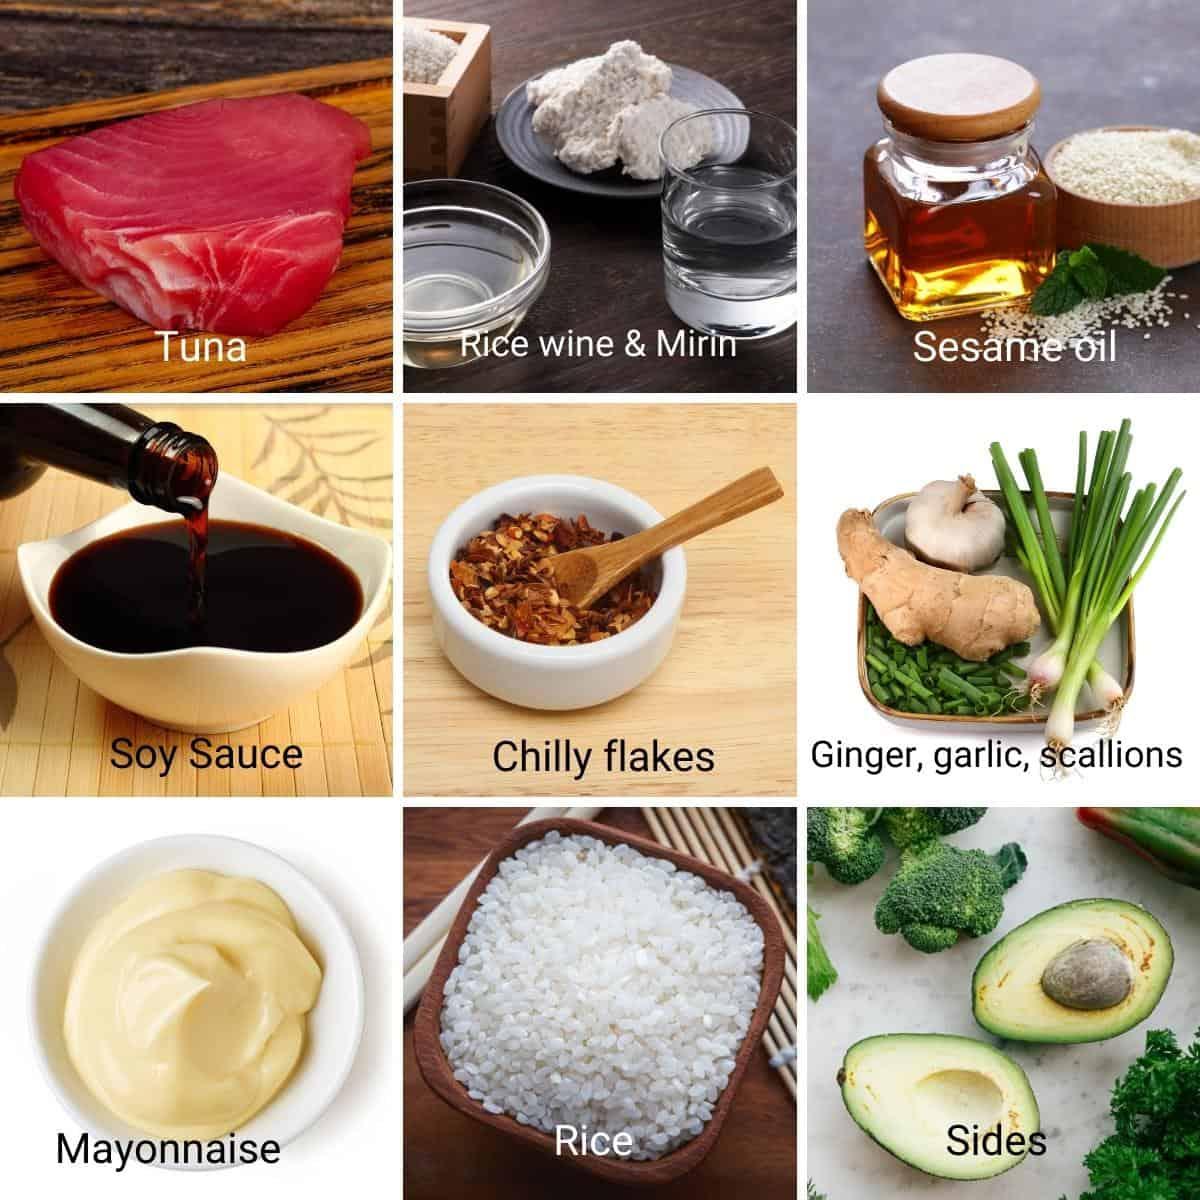 Ingredients shot collage for ahi poke bowl.